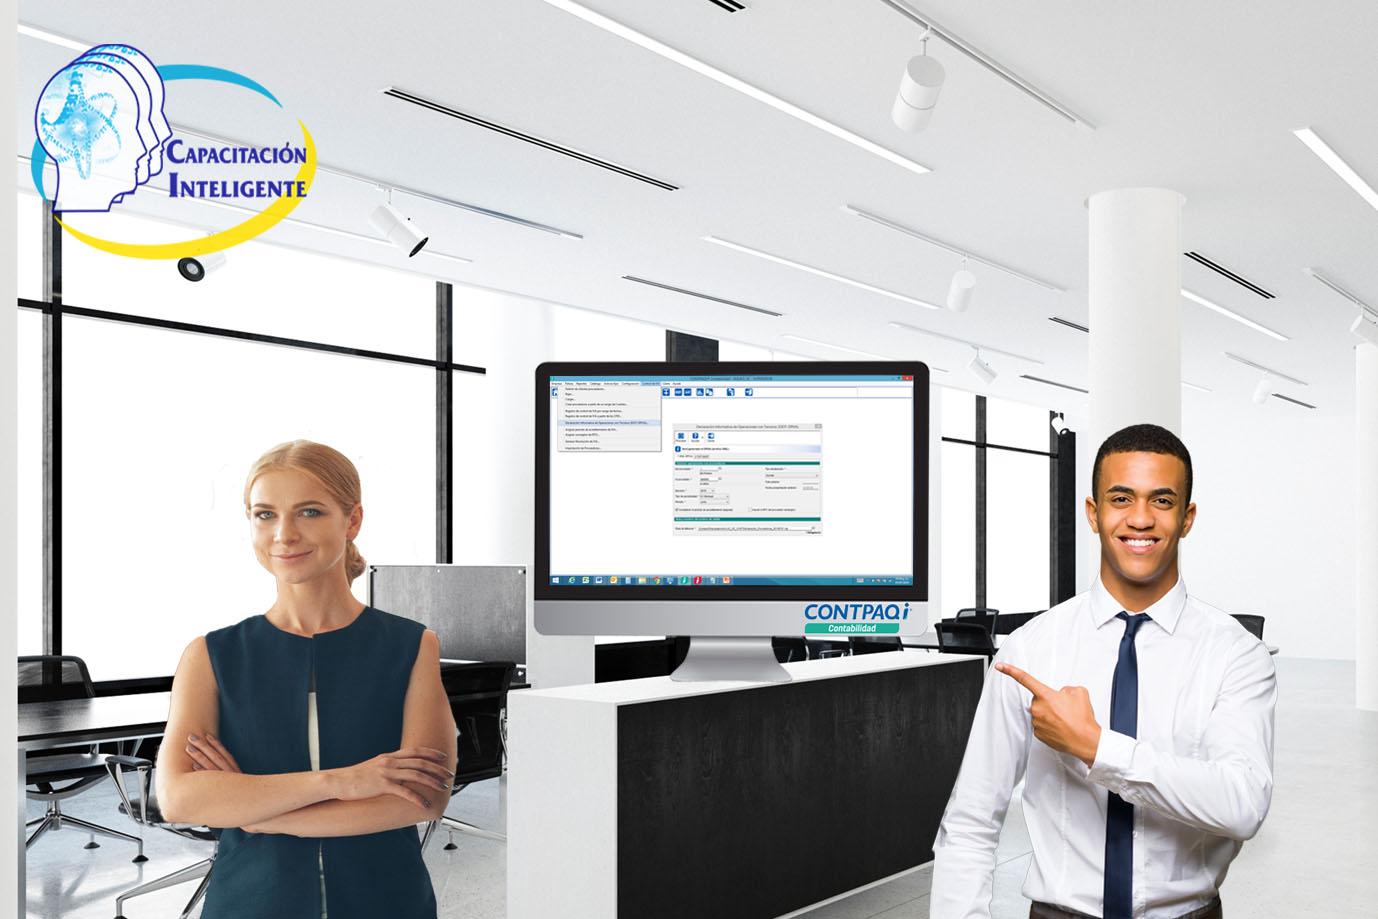 Control de IVA, DIOT en DPIVA y TXT DIOT en CONTPAQi @ Online